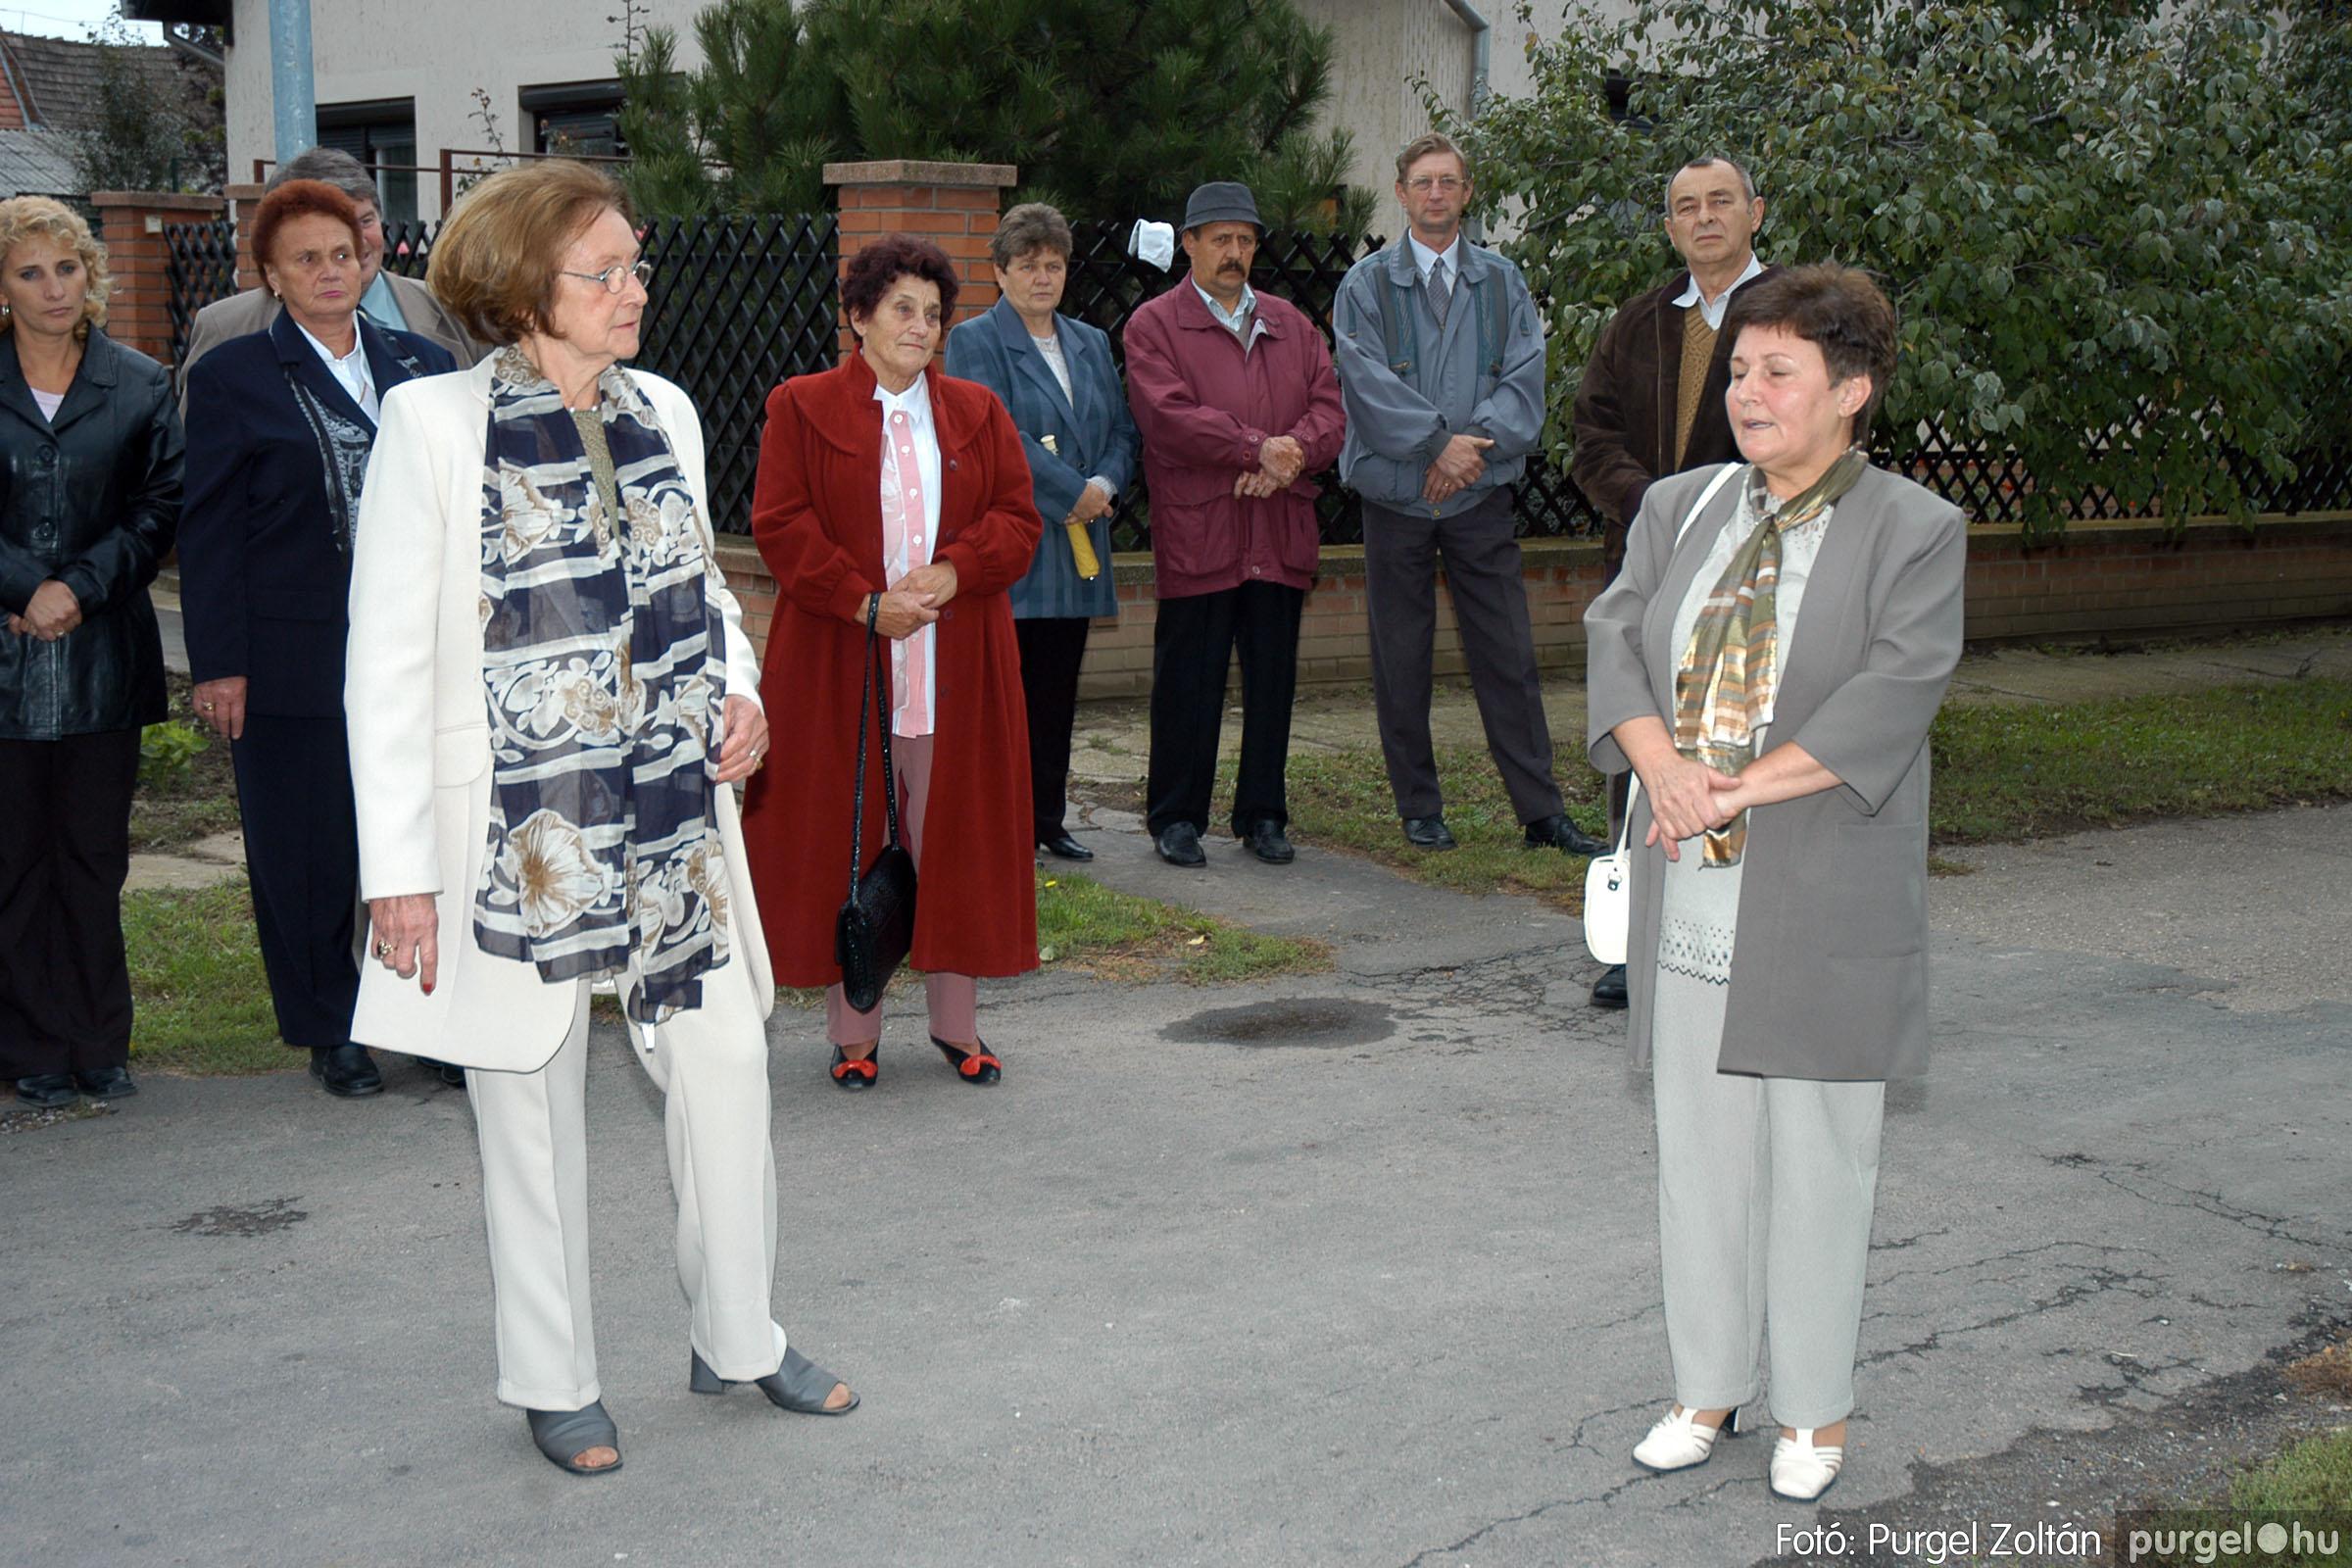 2004.09.25. 011 Dr. Csergő Károly alispán és kora című kiállítás és emléktábla avatás - Fotó:P. Z.©.jpg